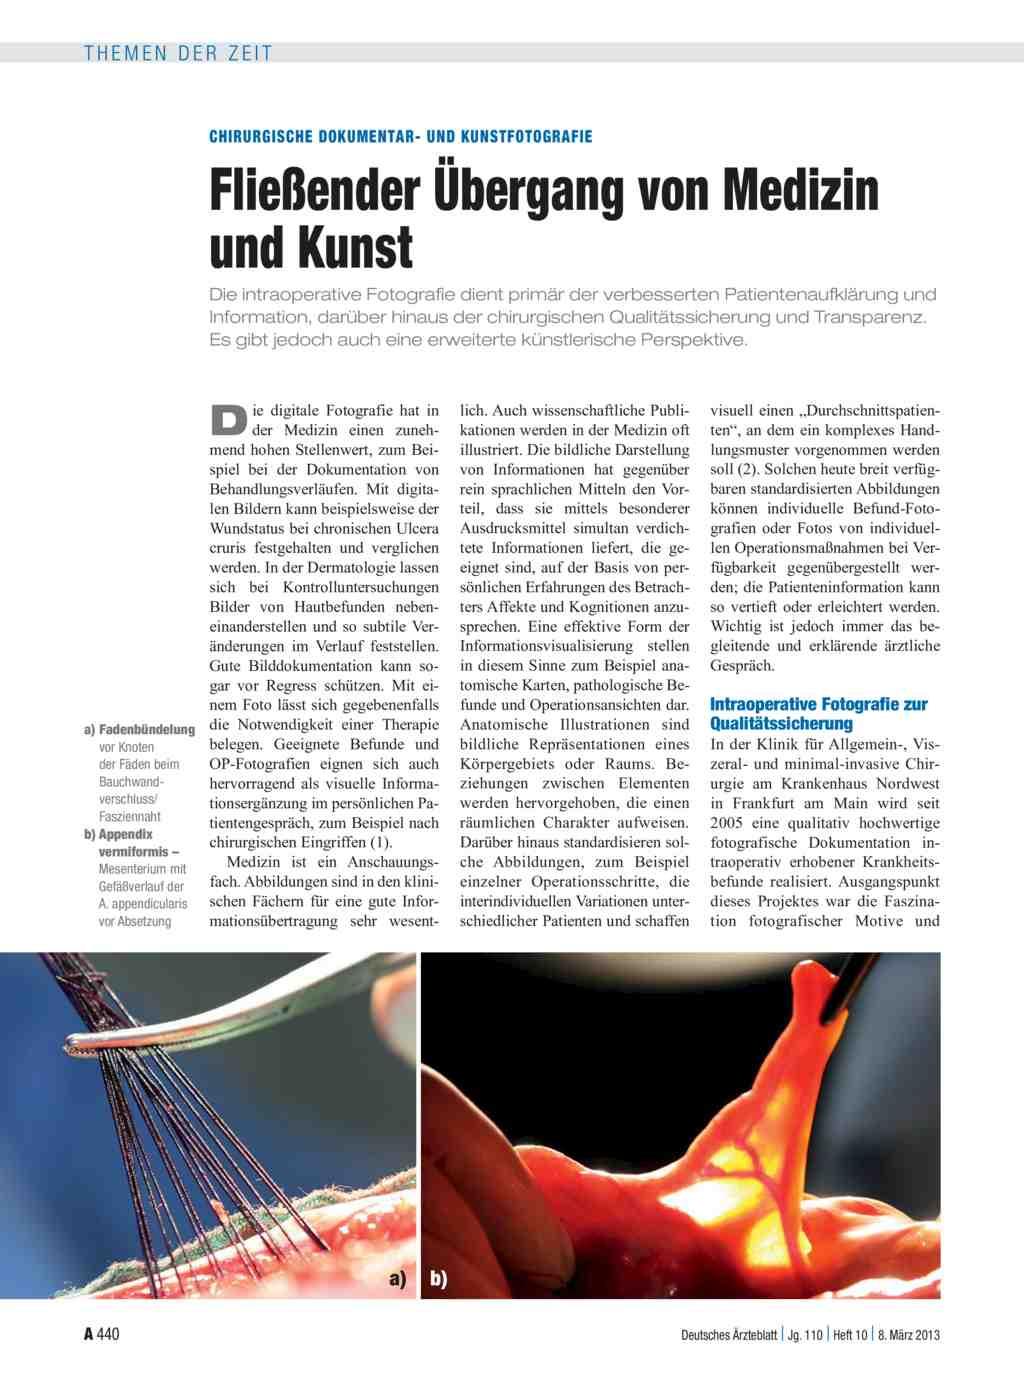 Chirurgische Dokumentar- und Kunstfotografie: Fließender Übergang ...